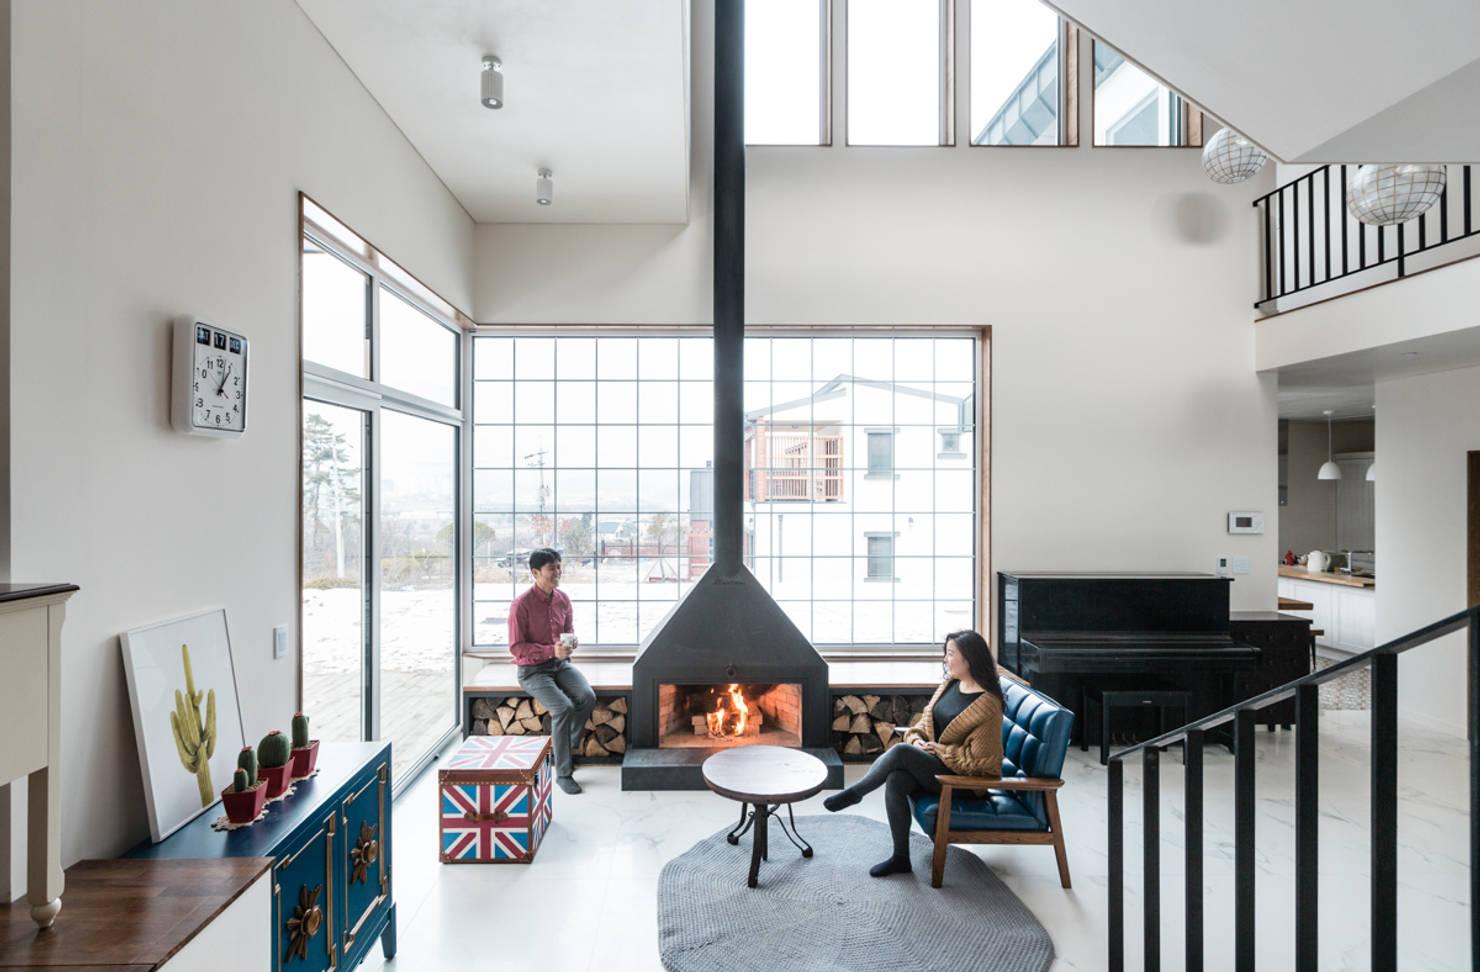 일곱 명의 건축주가 전하는 좋은 집 이야기